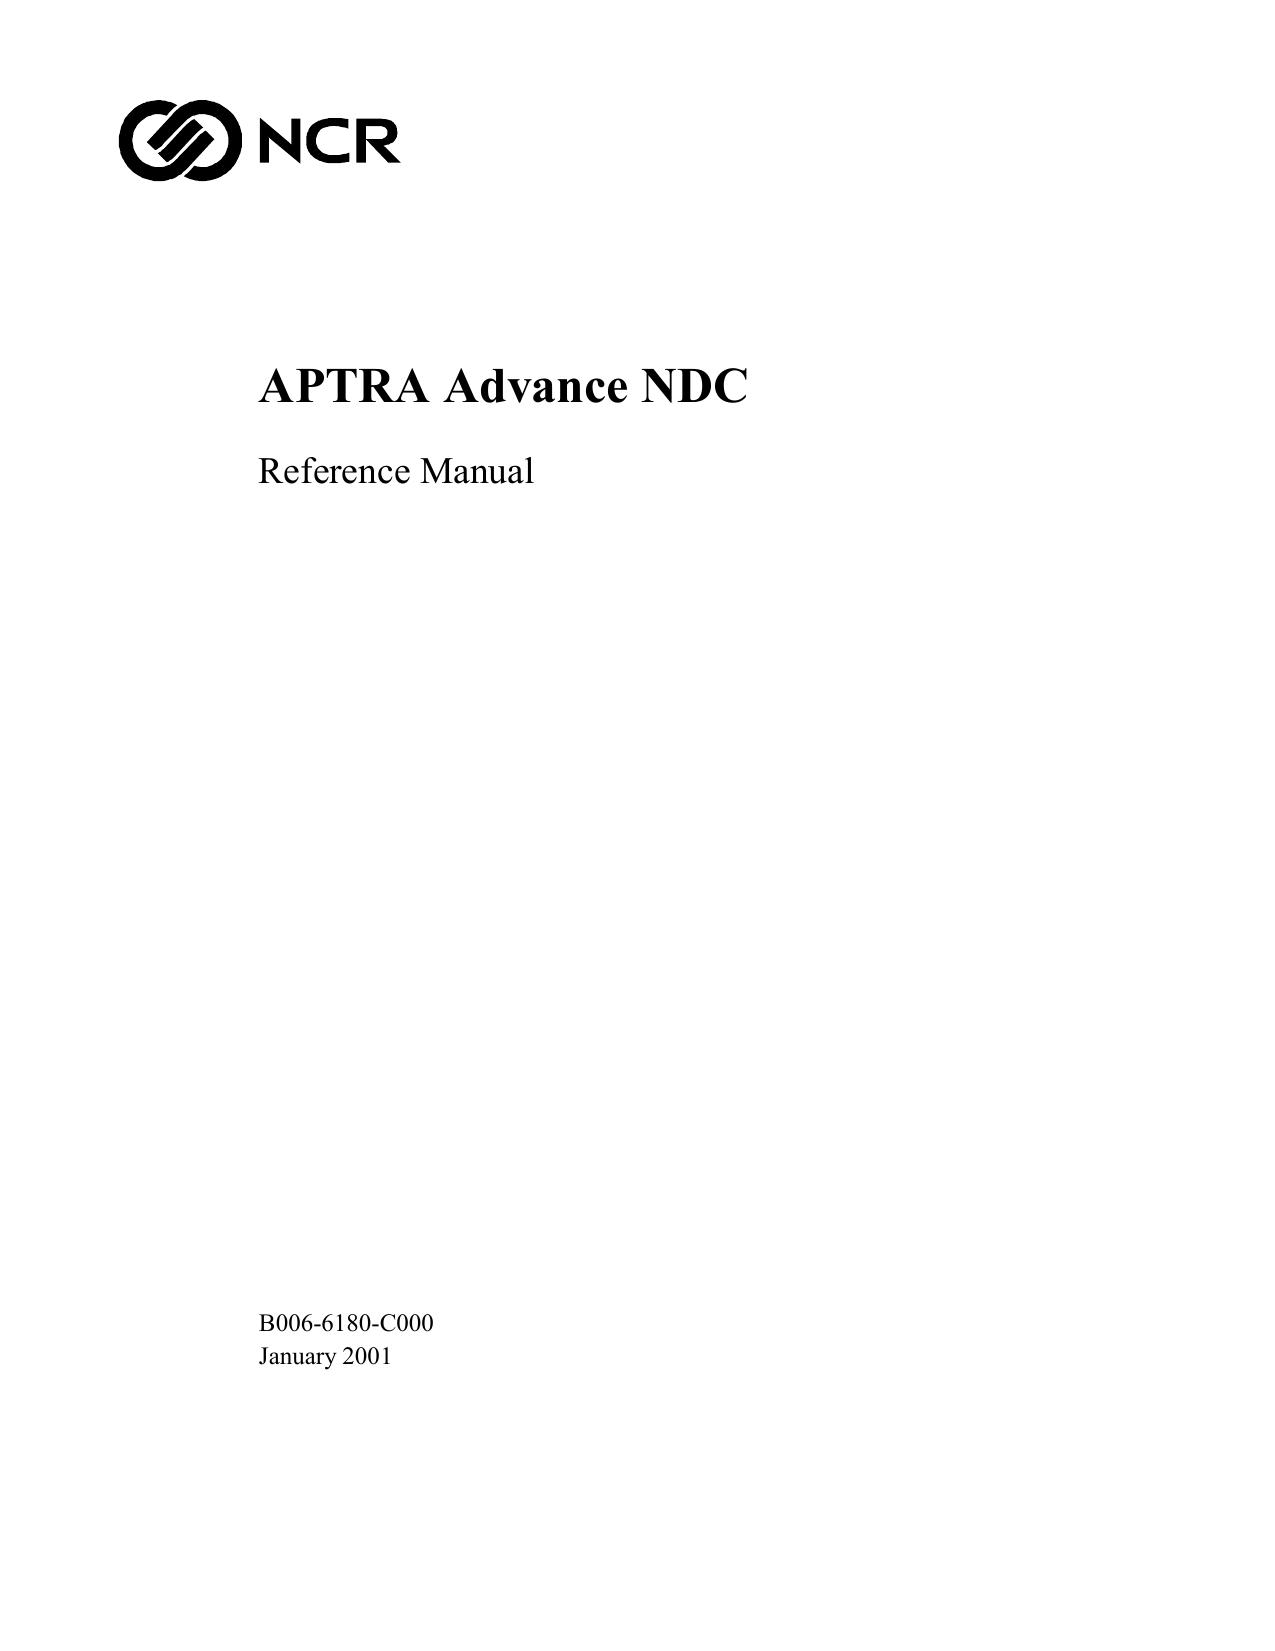 Advance NDC Reference Manual